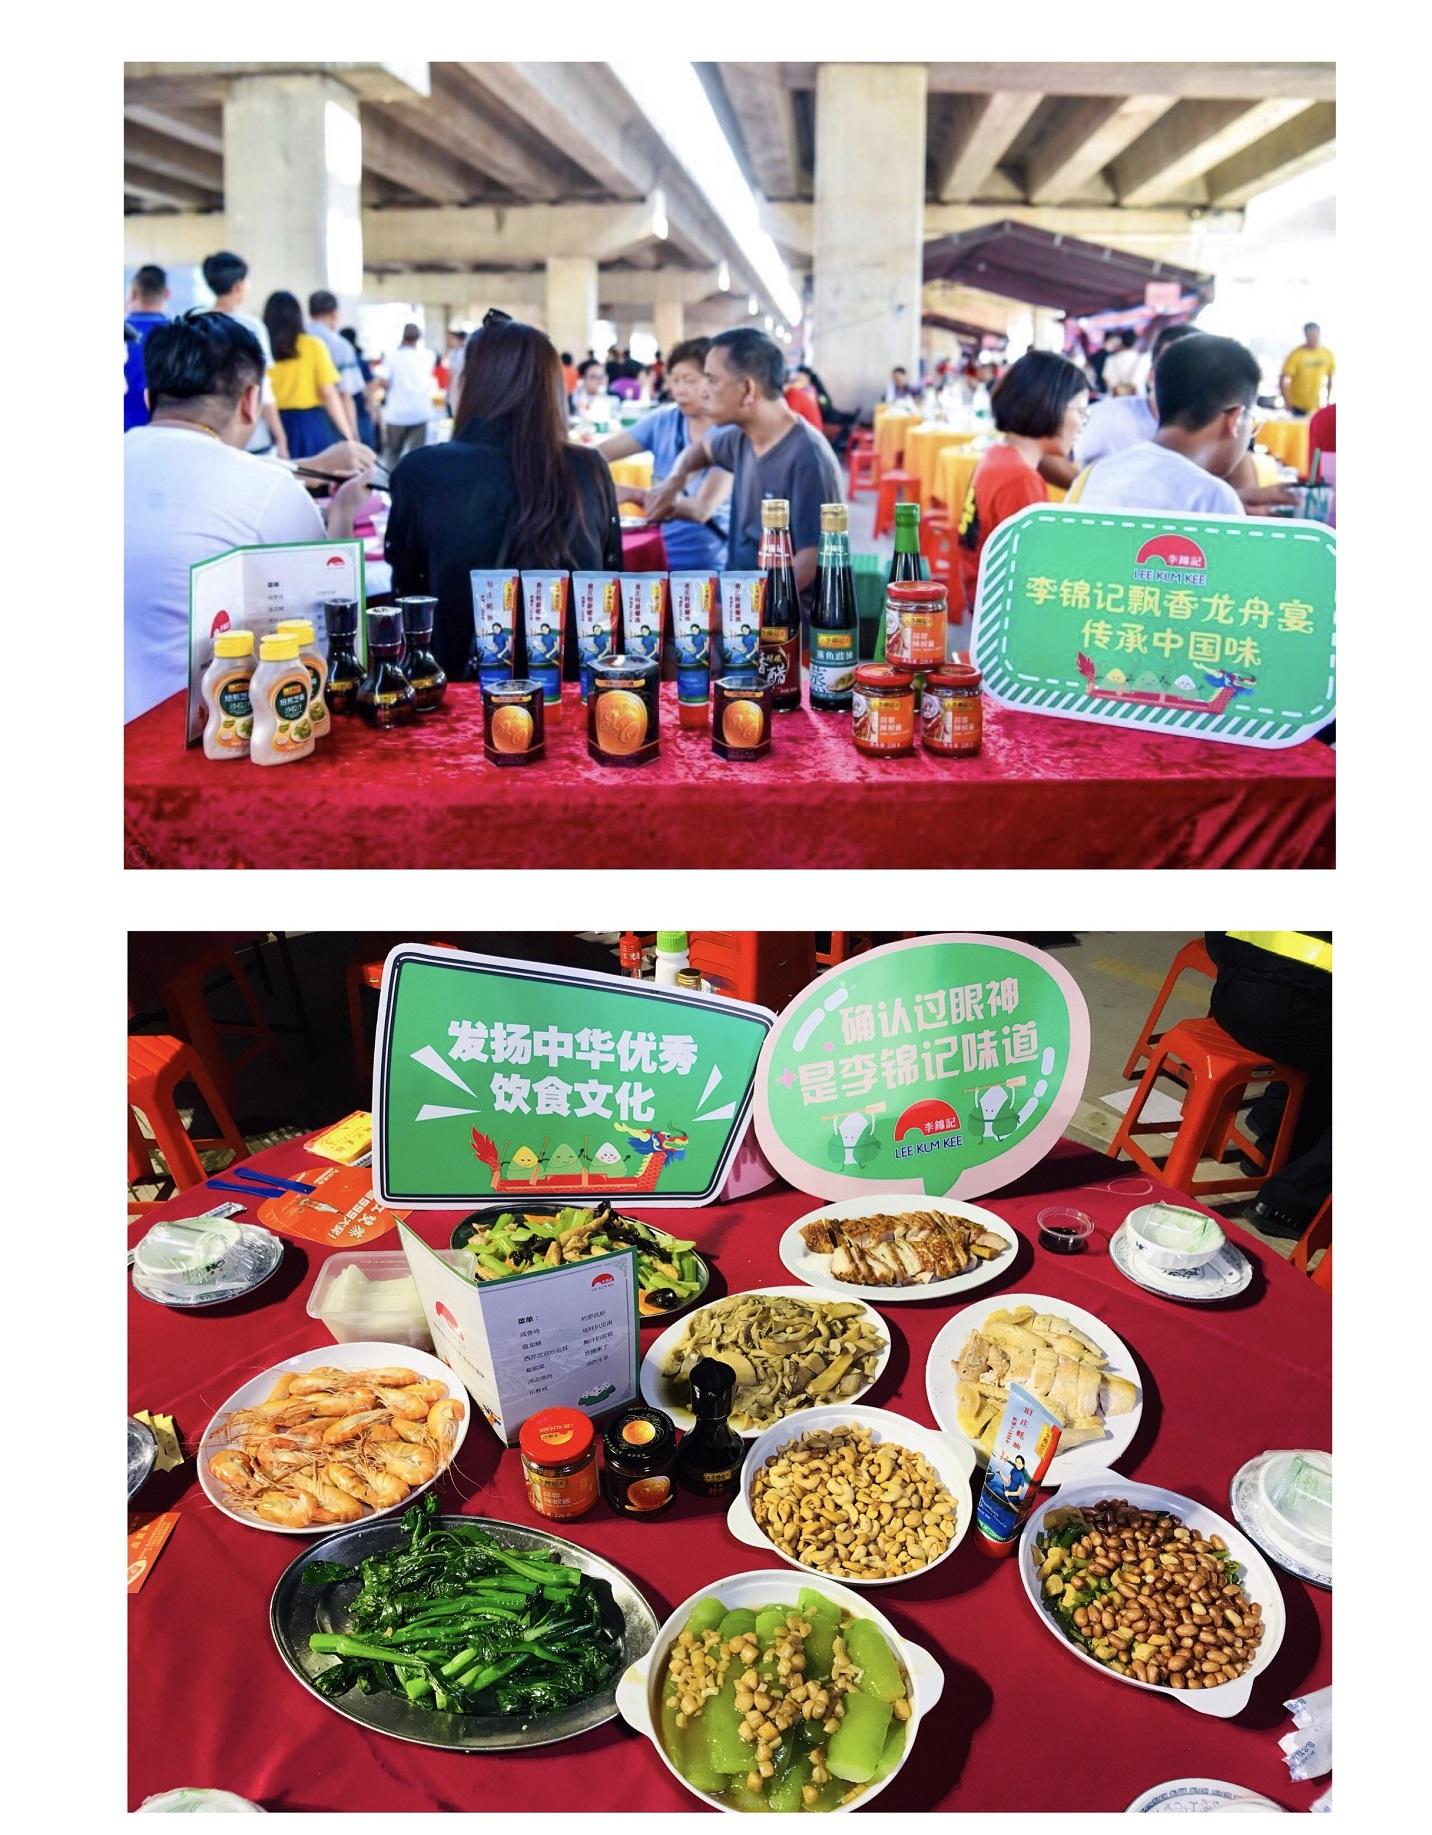 李锦记多款经典产品飘香龙舟宴,带来传统中国味道.jpg